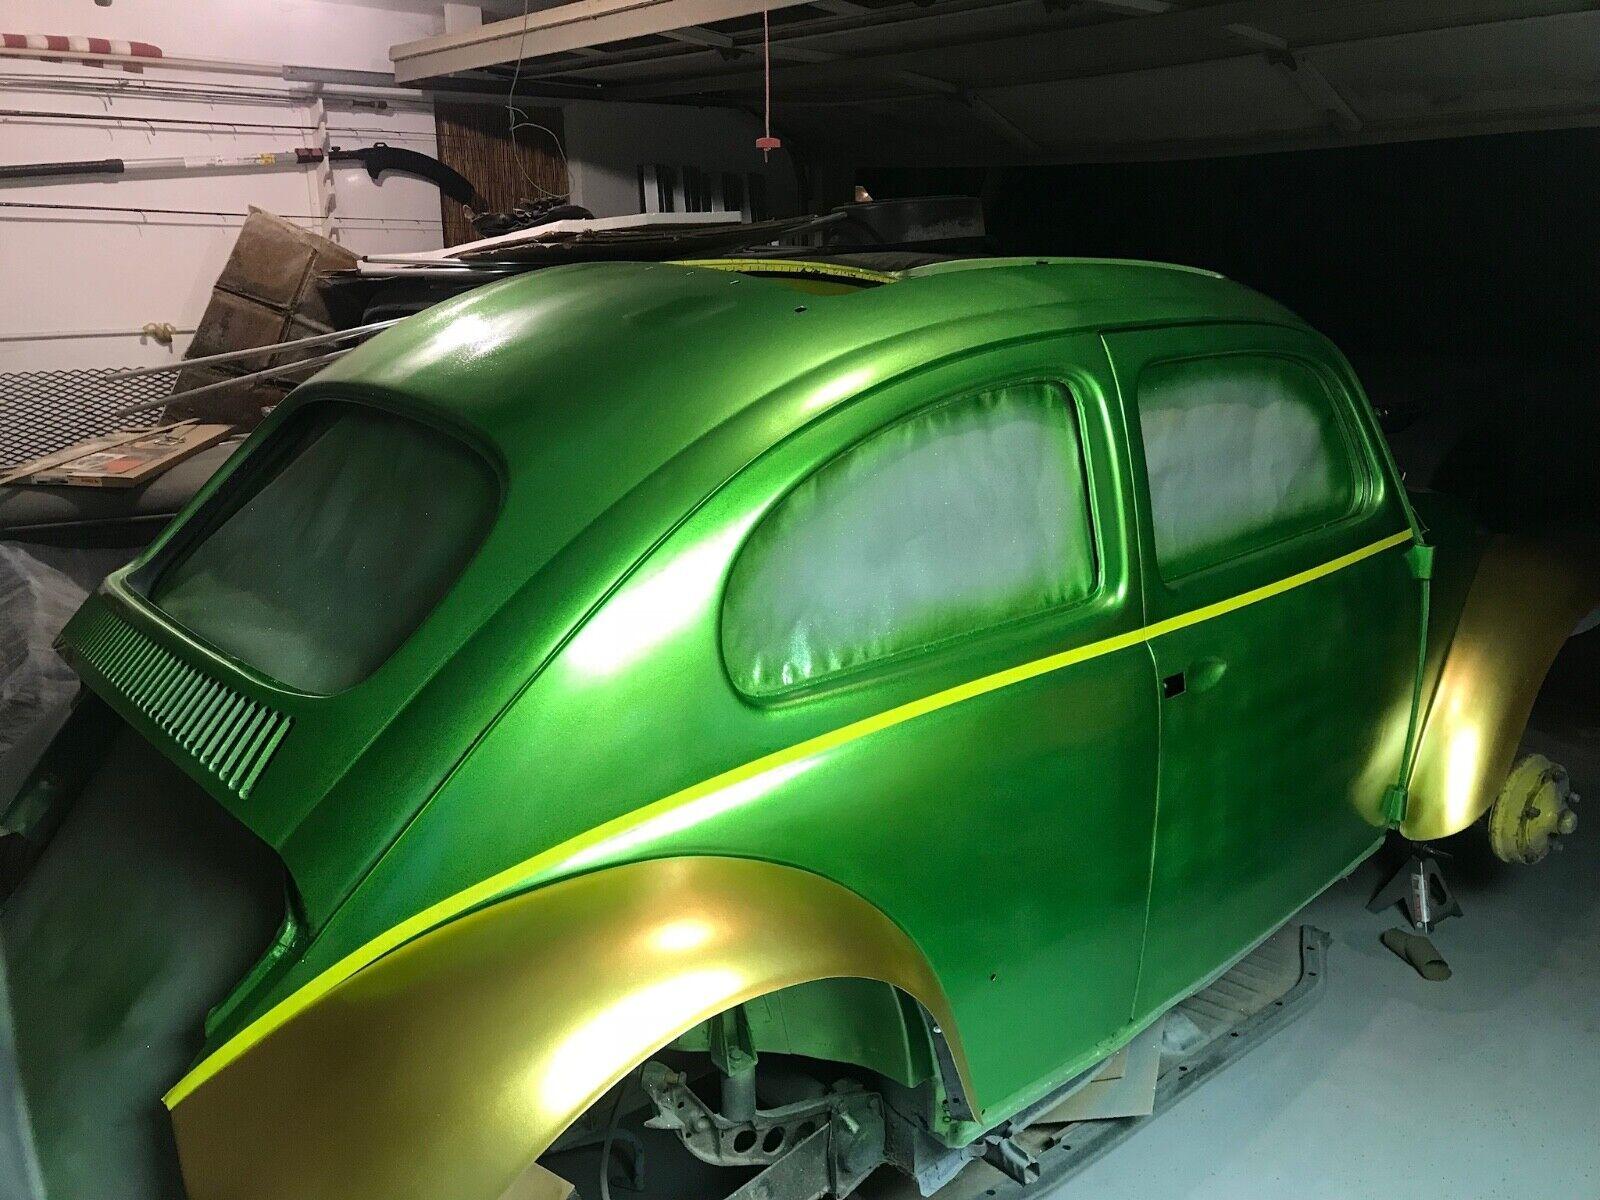 1963 Volkswagen Beetle - Classic  VW beetle ragtop Baja